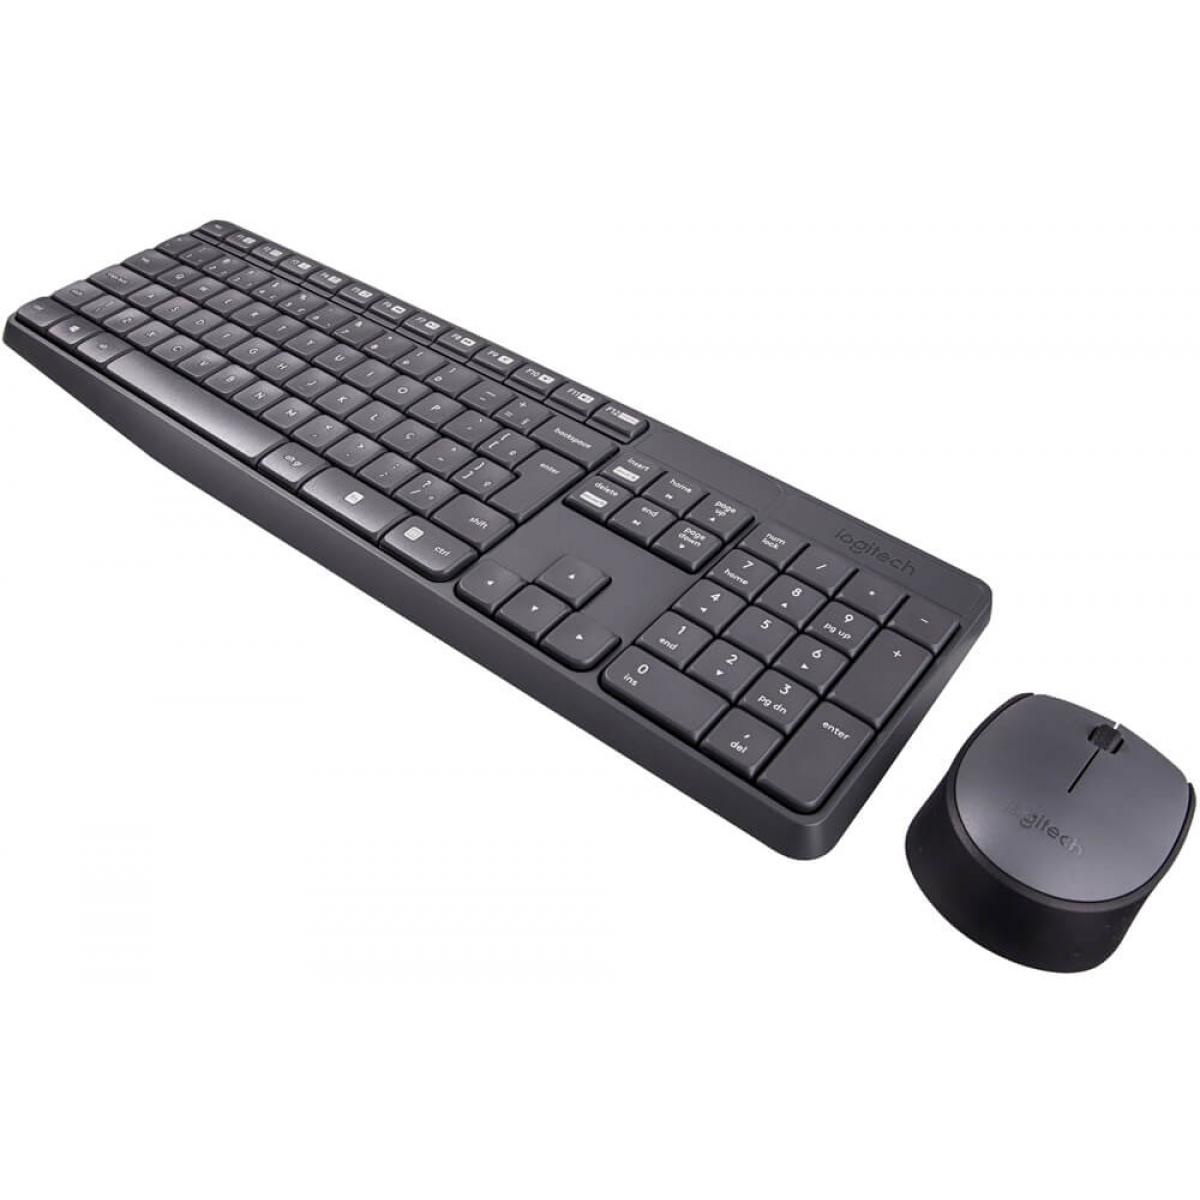 Combo Gamer Teclado e Mouse Logitech MK235, Grey, ABNT2